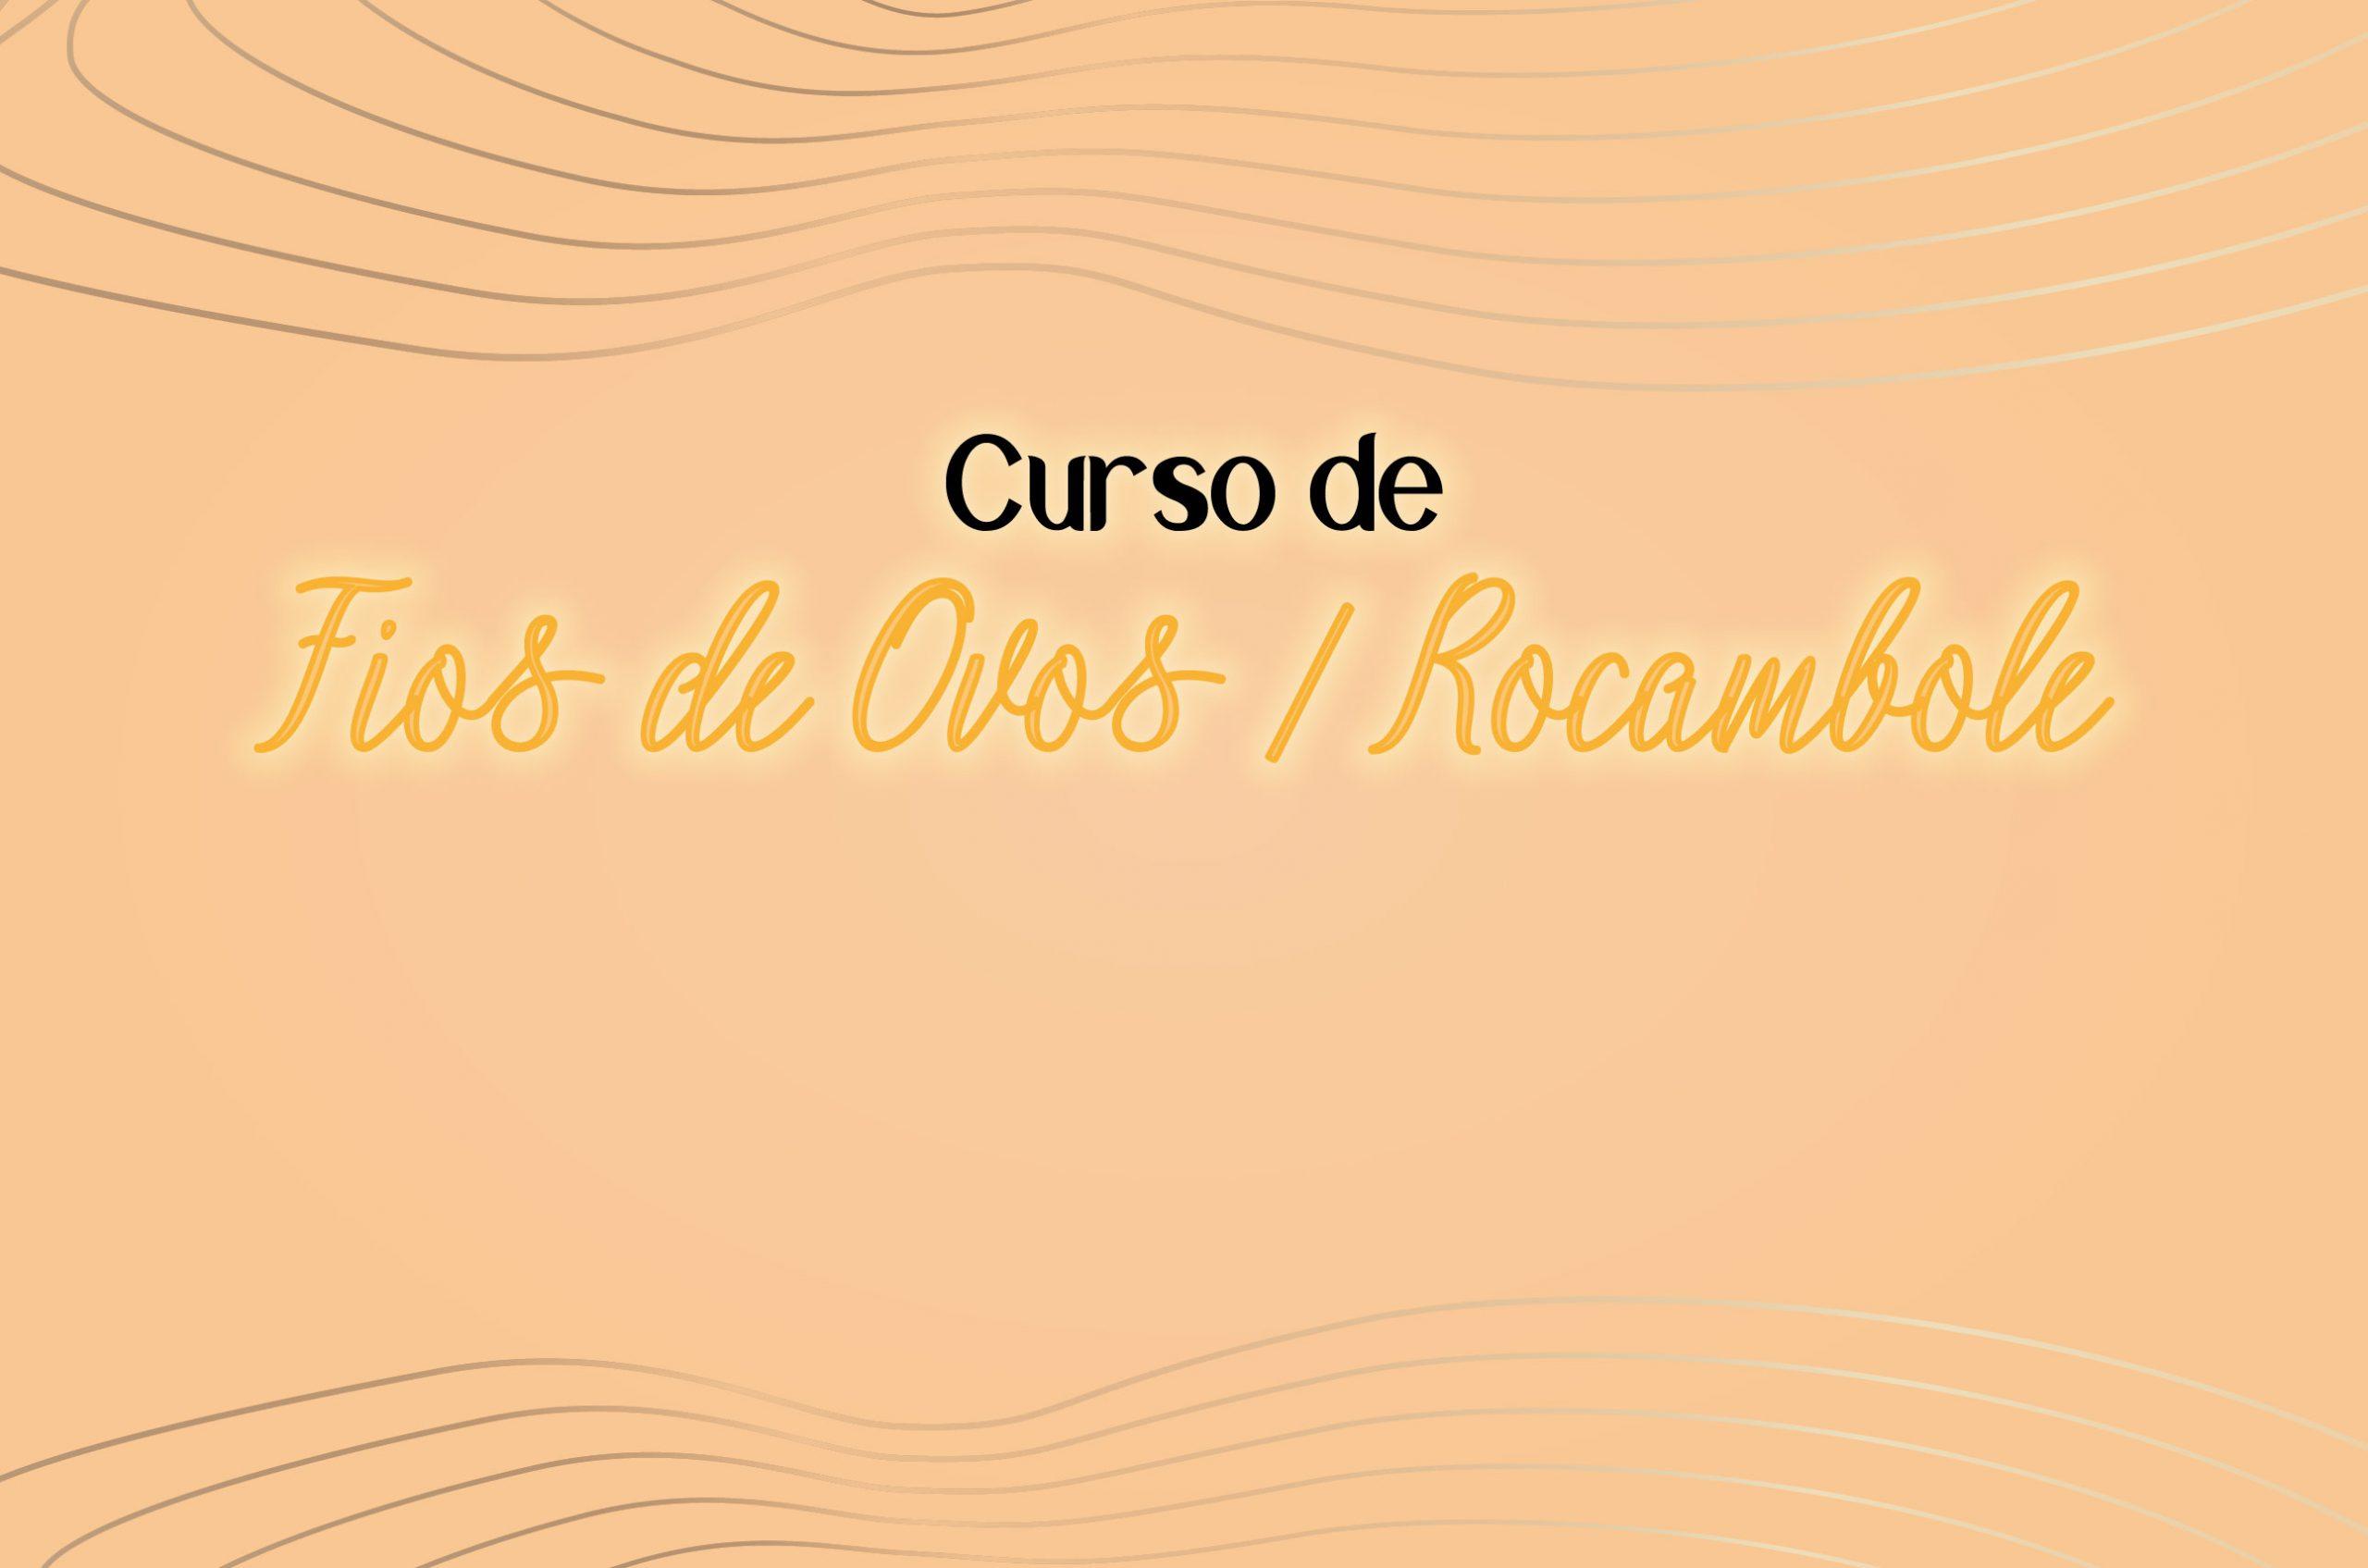 Curso de Fios de Ovos e Rocambole abre inscrições nesta quarta (04)